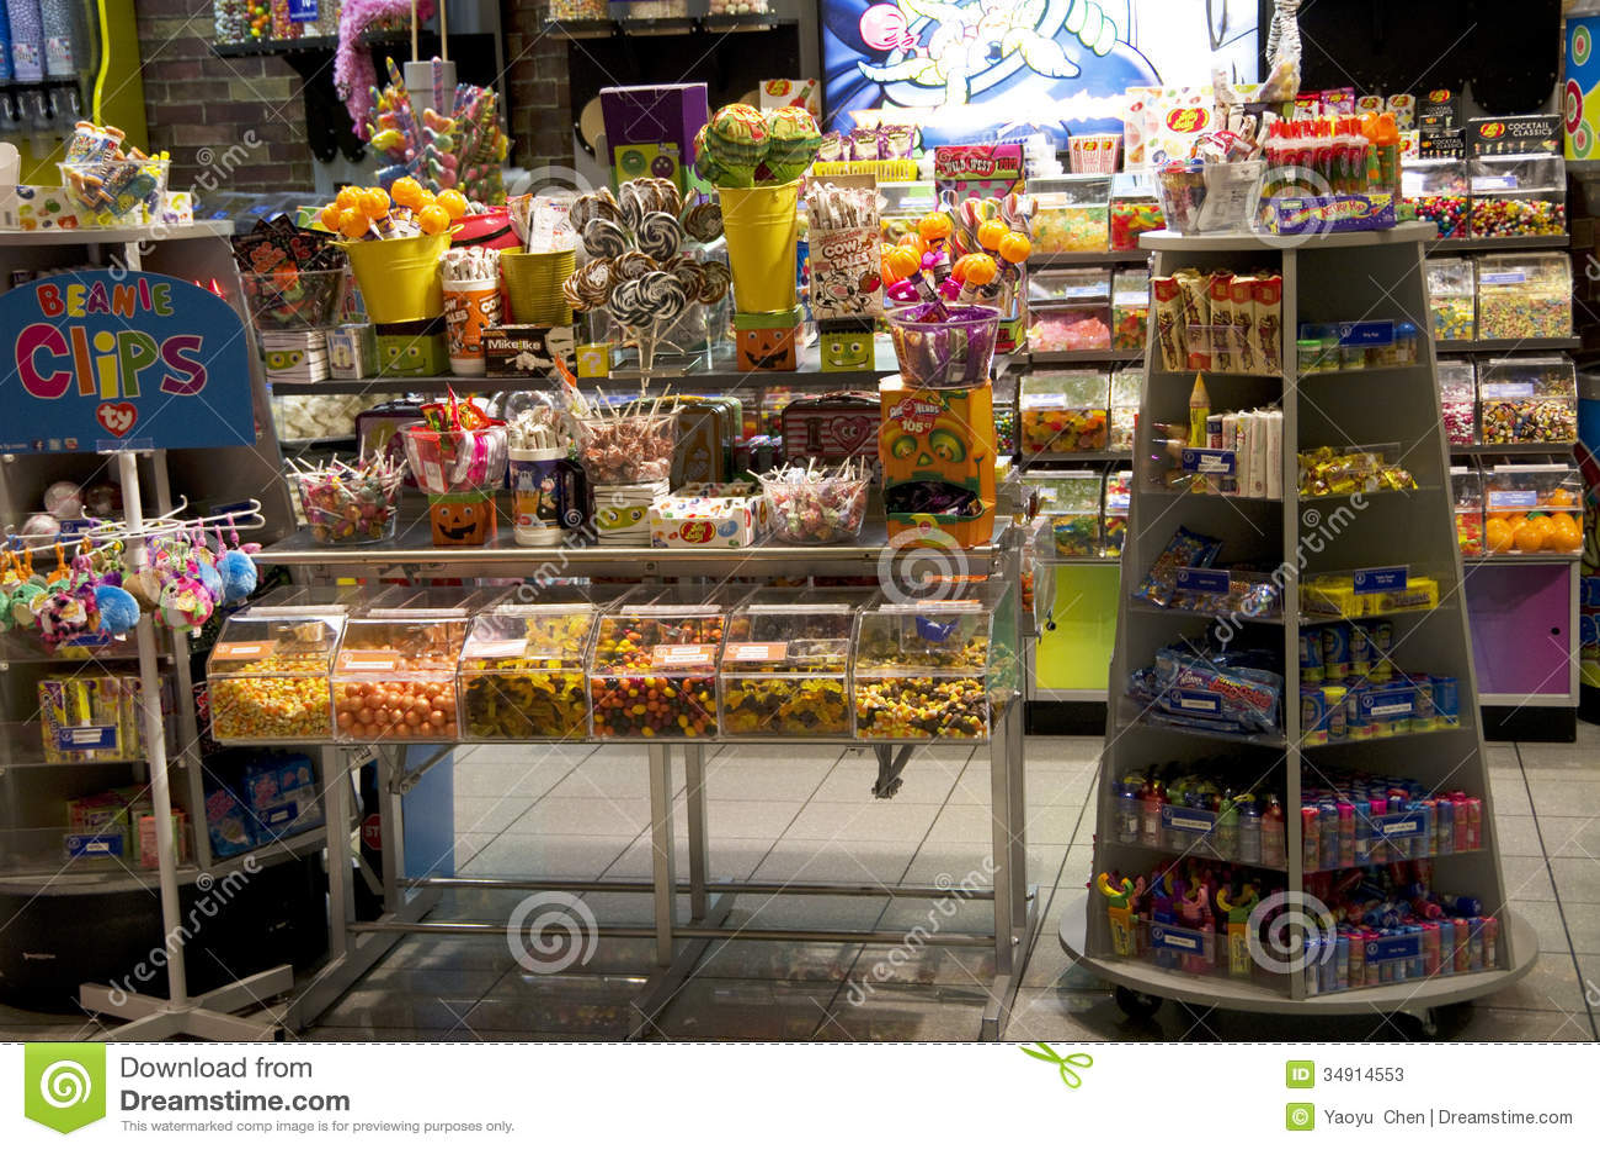 Best Sweet Shops In Los Angeles   CBS Los Angeles